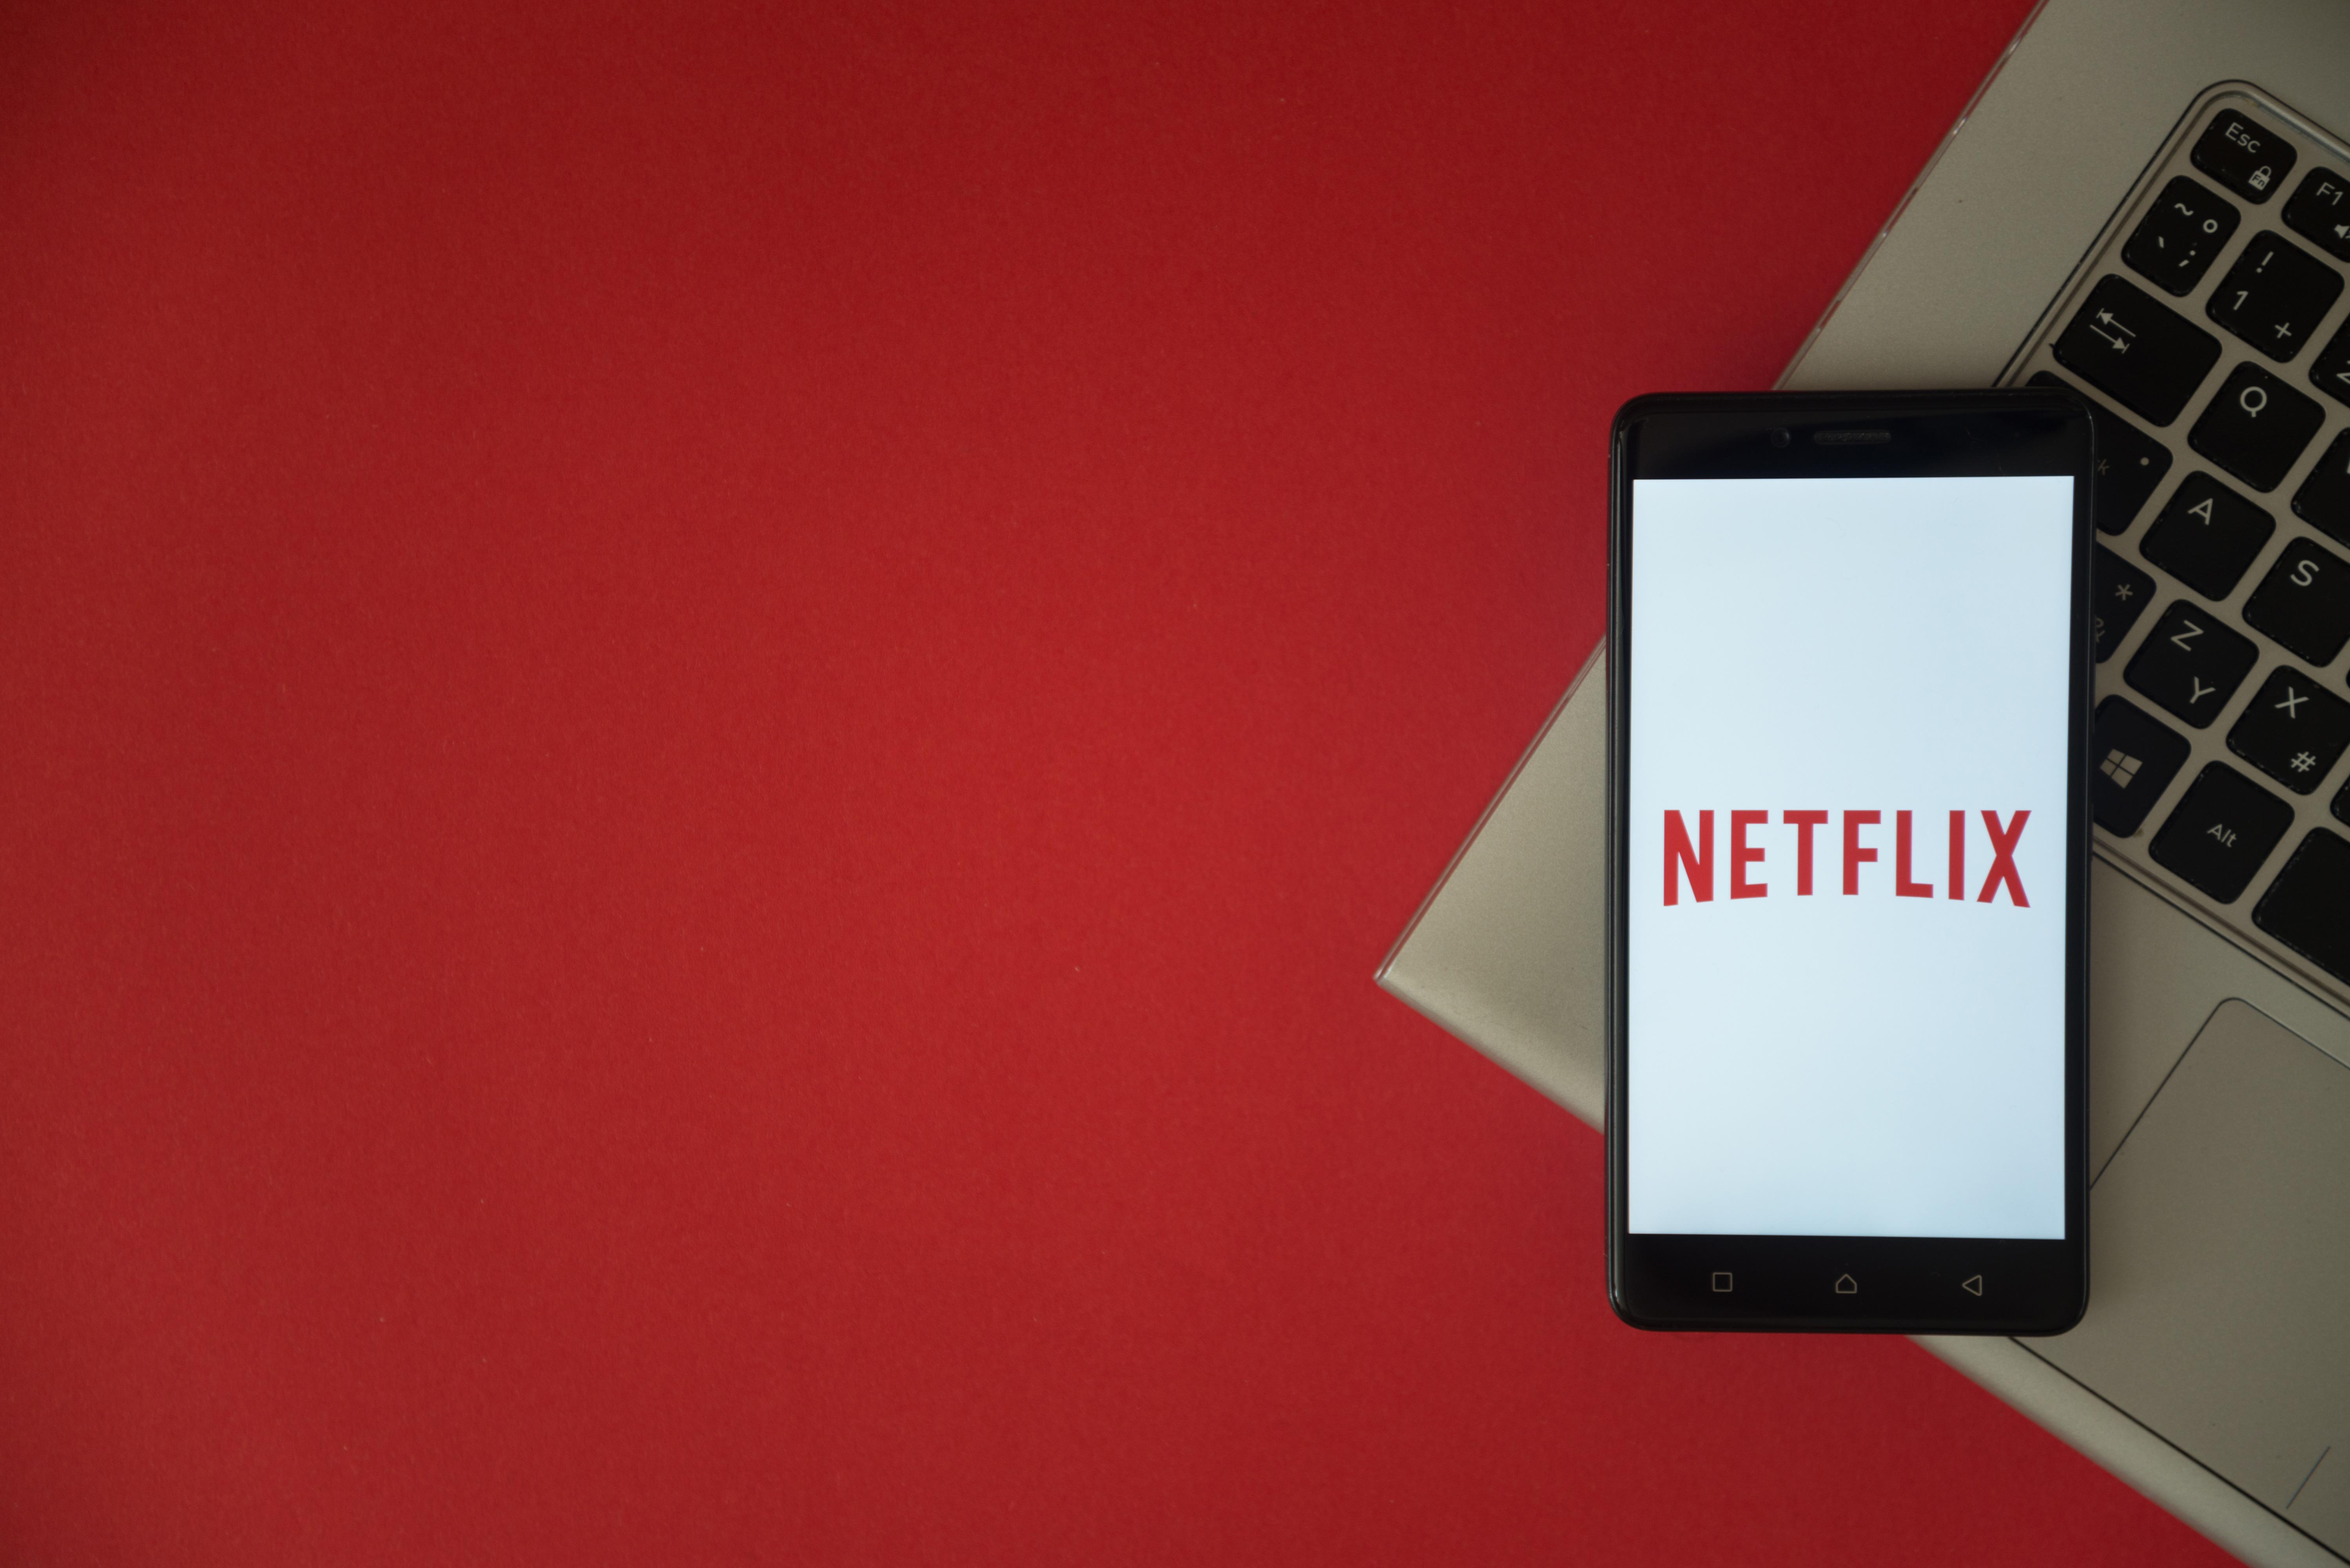 netflix 1574938689 - Netflix -